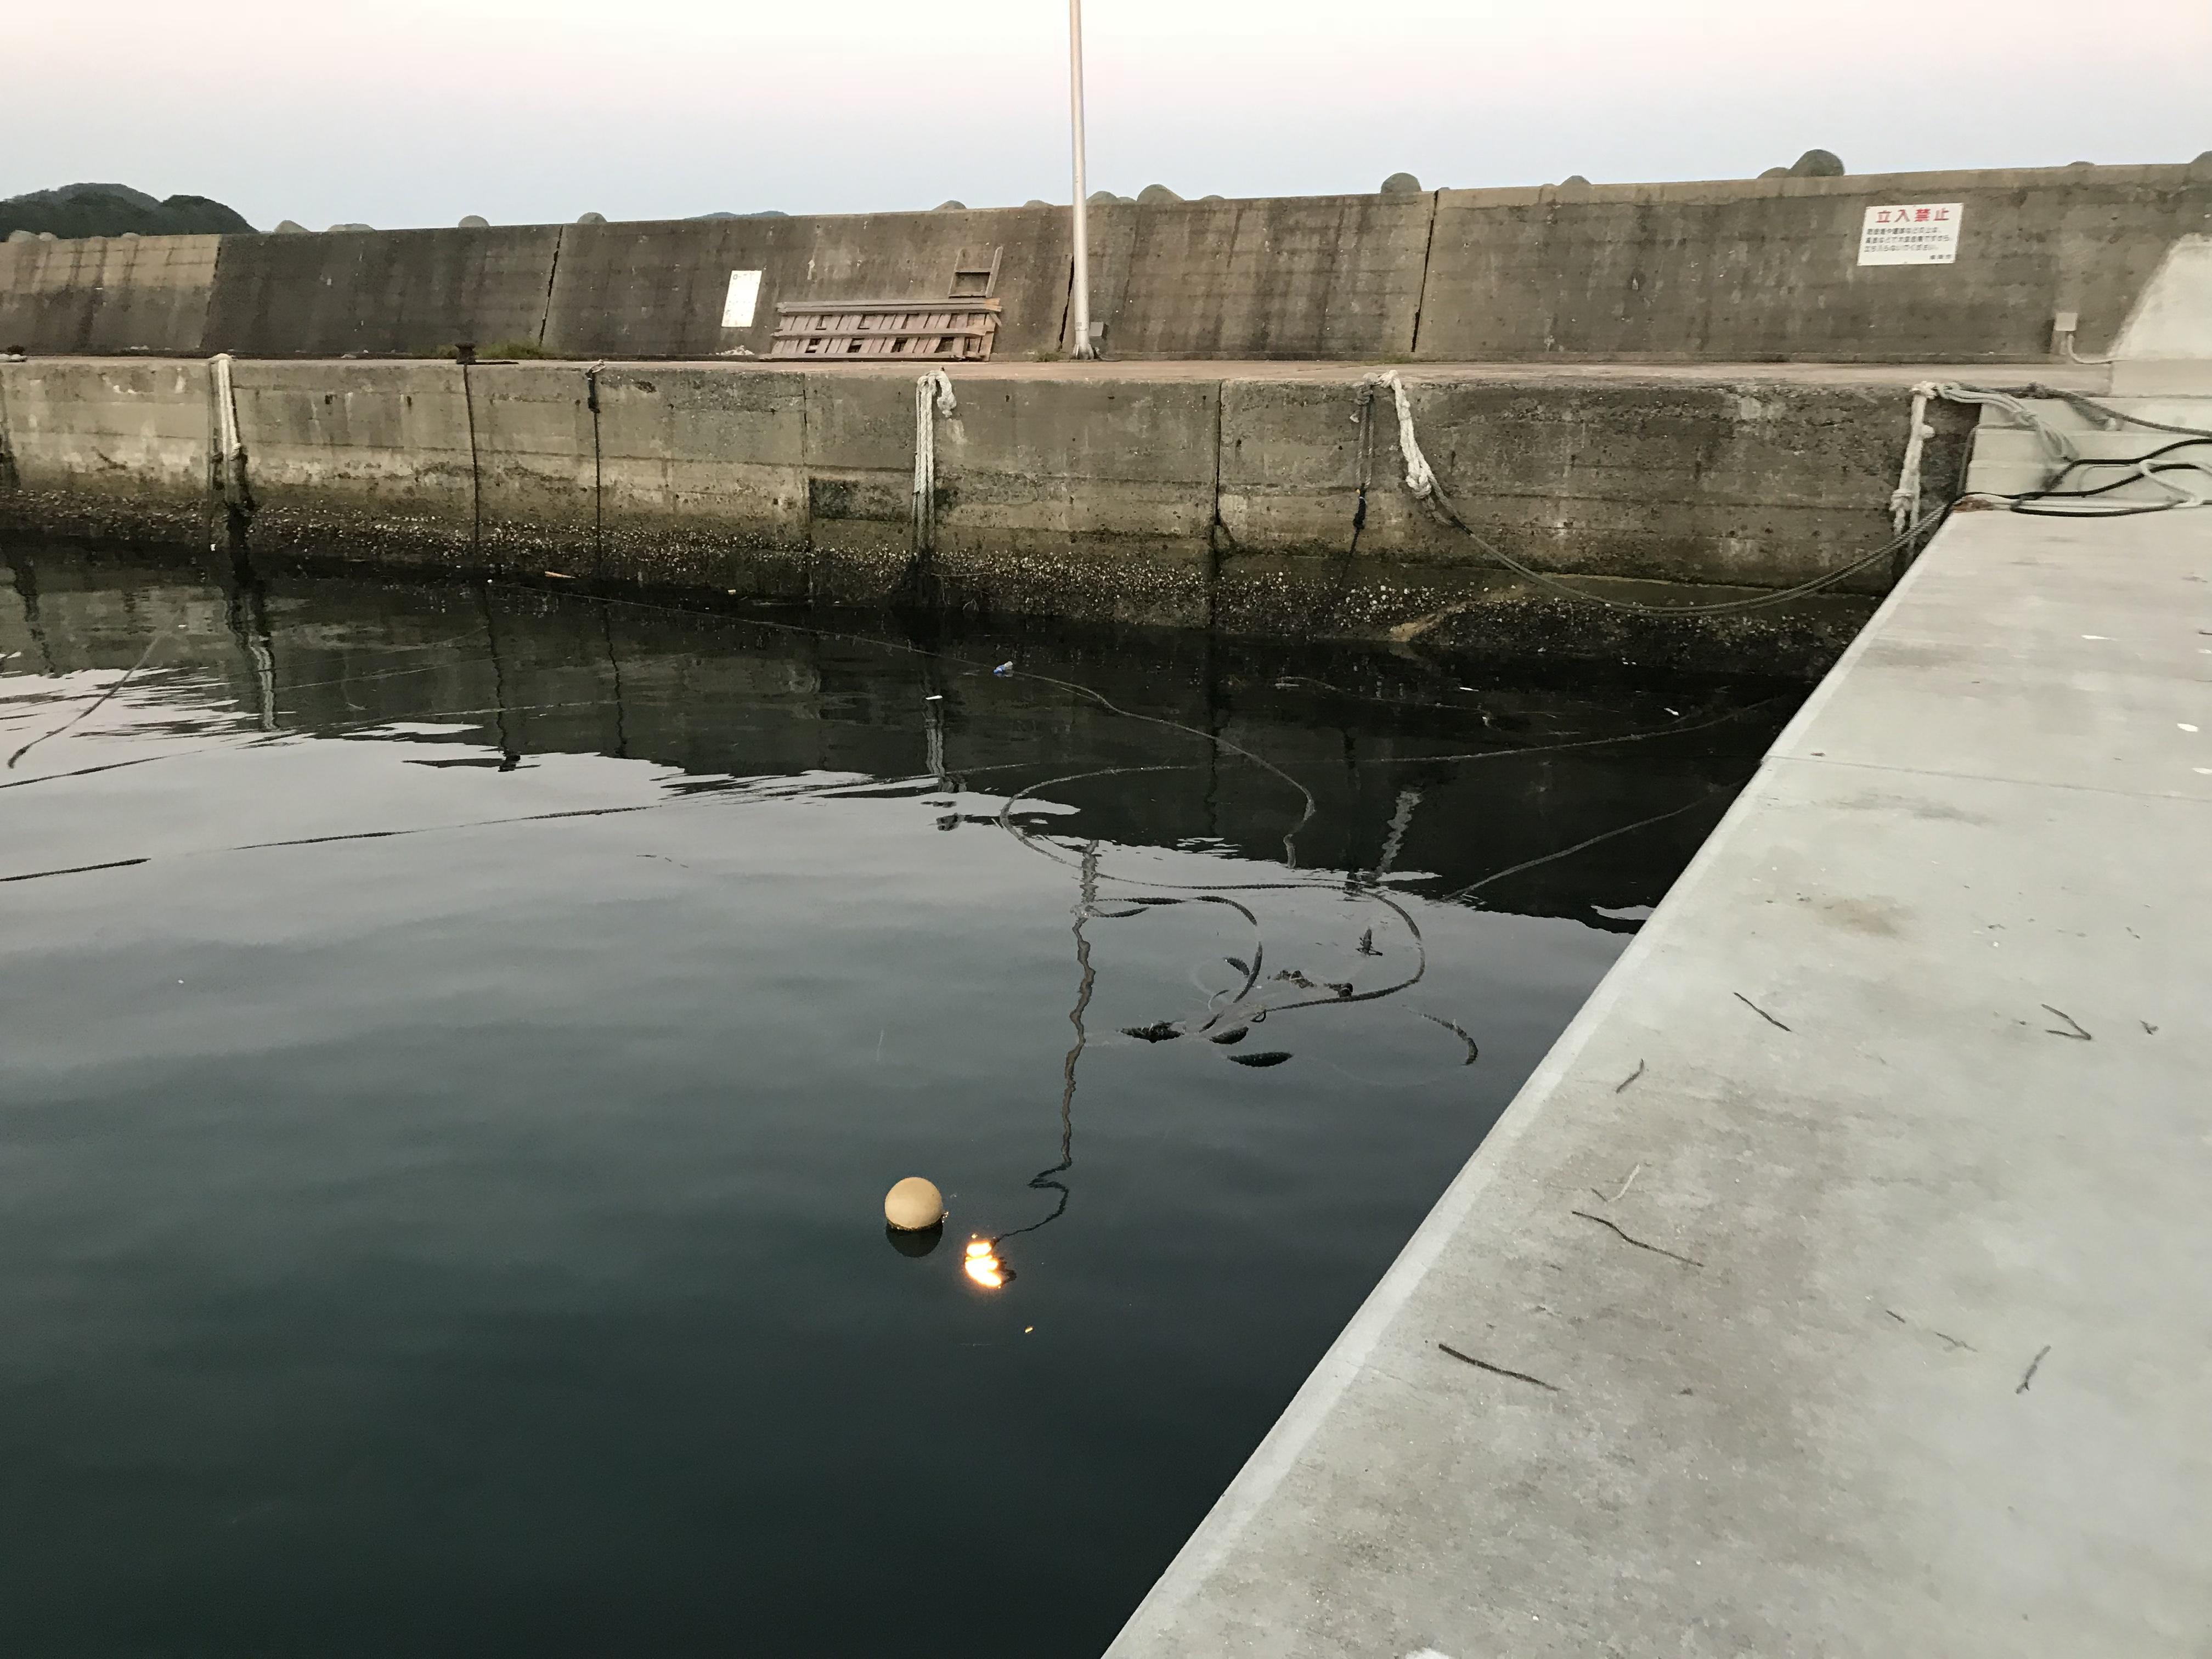 西の浦漁港スズキ逃げられた現場